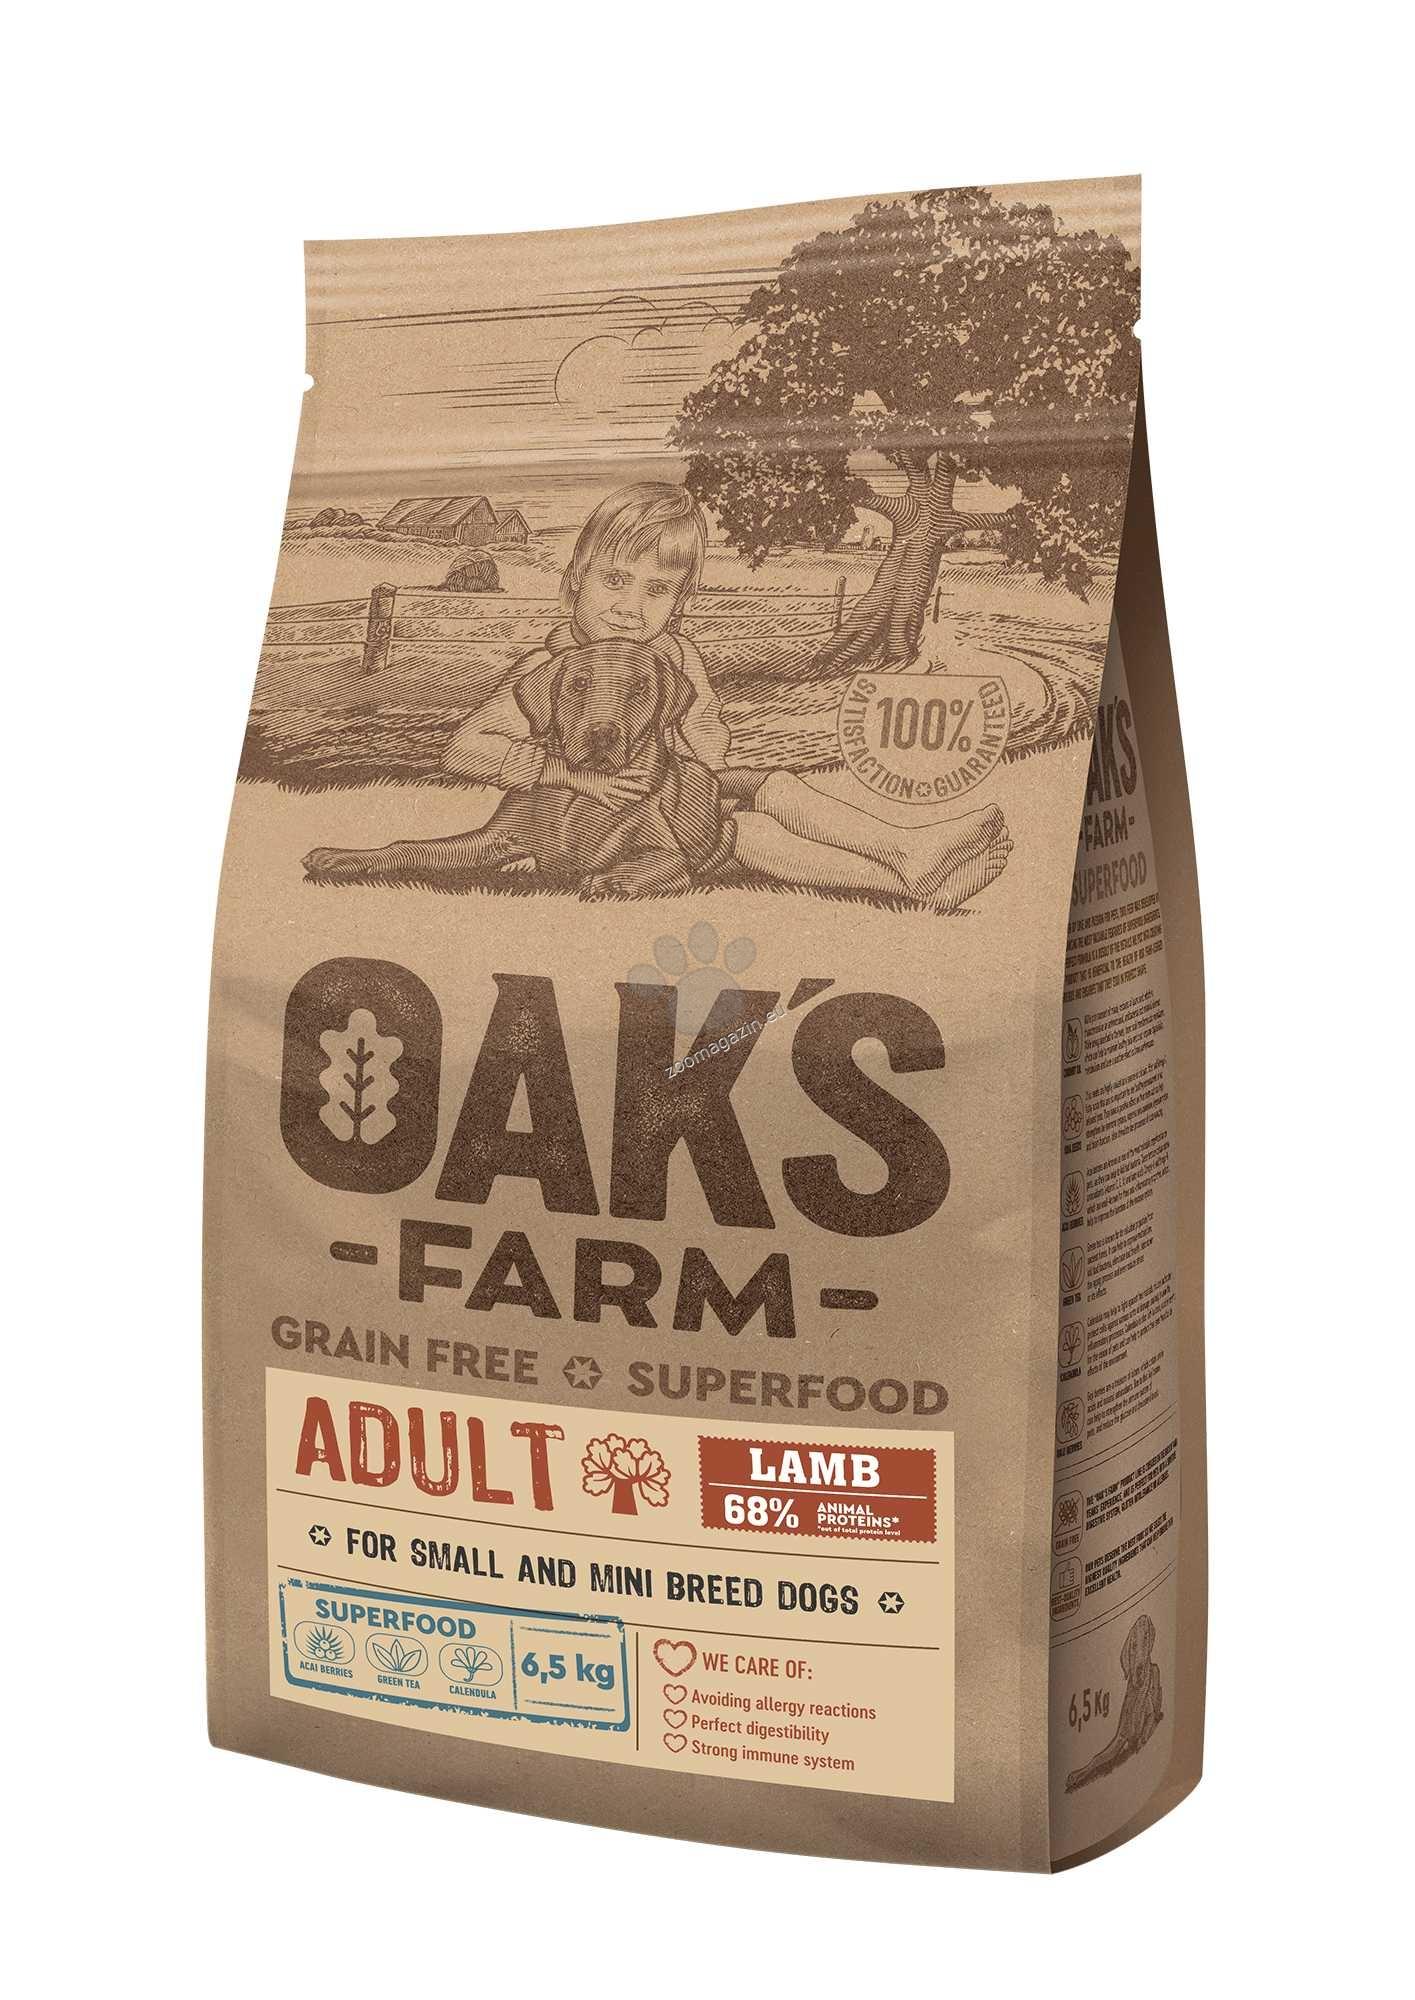 Oaks Farm Adult Lamb Small-Mini Breeds - пълноценна храна с агнешко, без зърнени култури за пораснали кучета от малки и мини породи (За кучета с тегло 1-10кг) 18 кг.